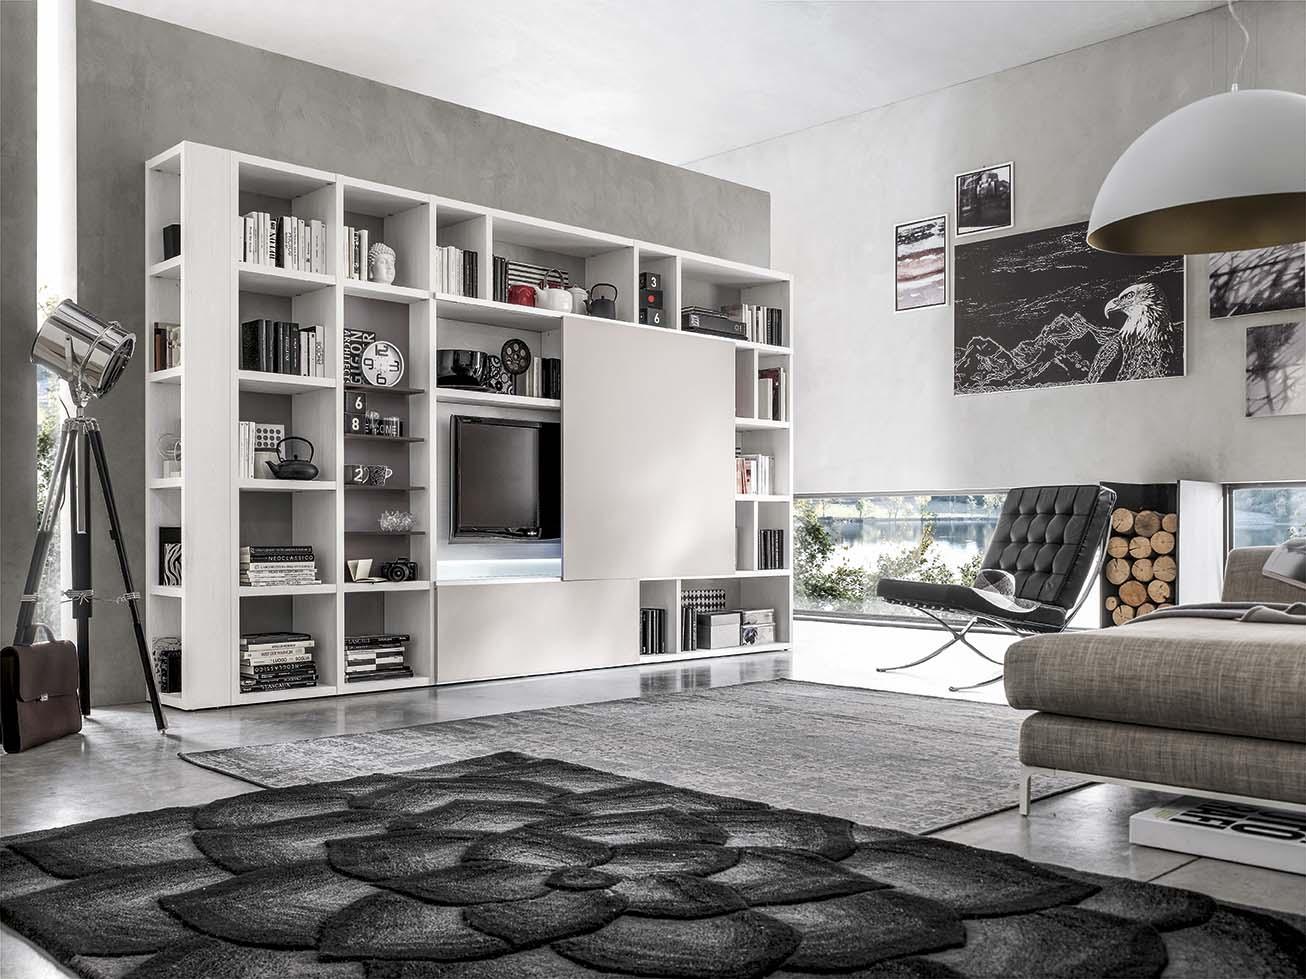 Mobili stile moderno sottoscale mobili moderni in noce for Mobili di design moderno vt